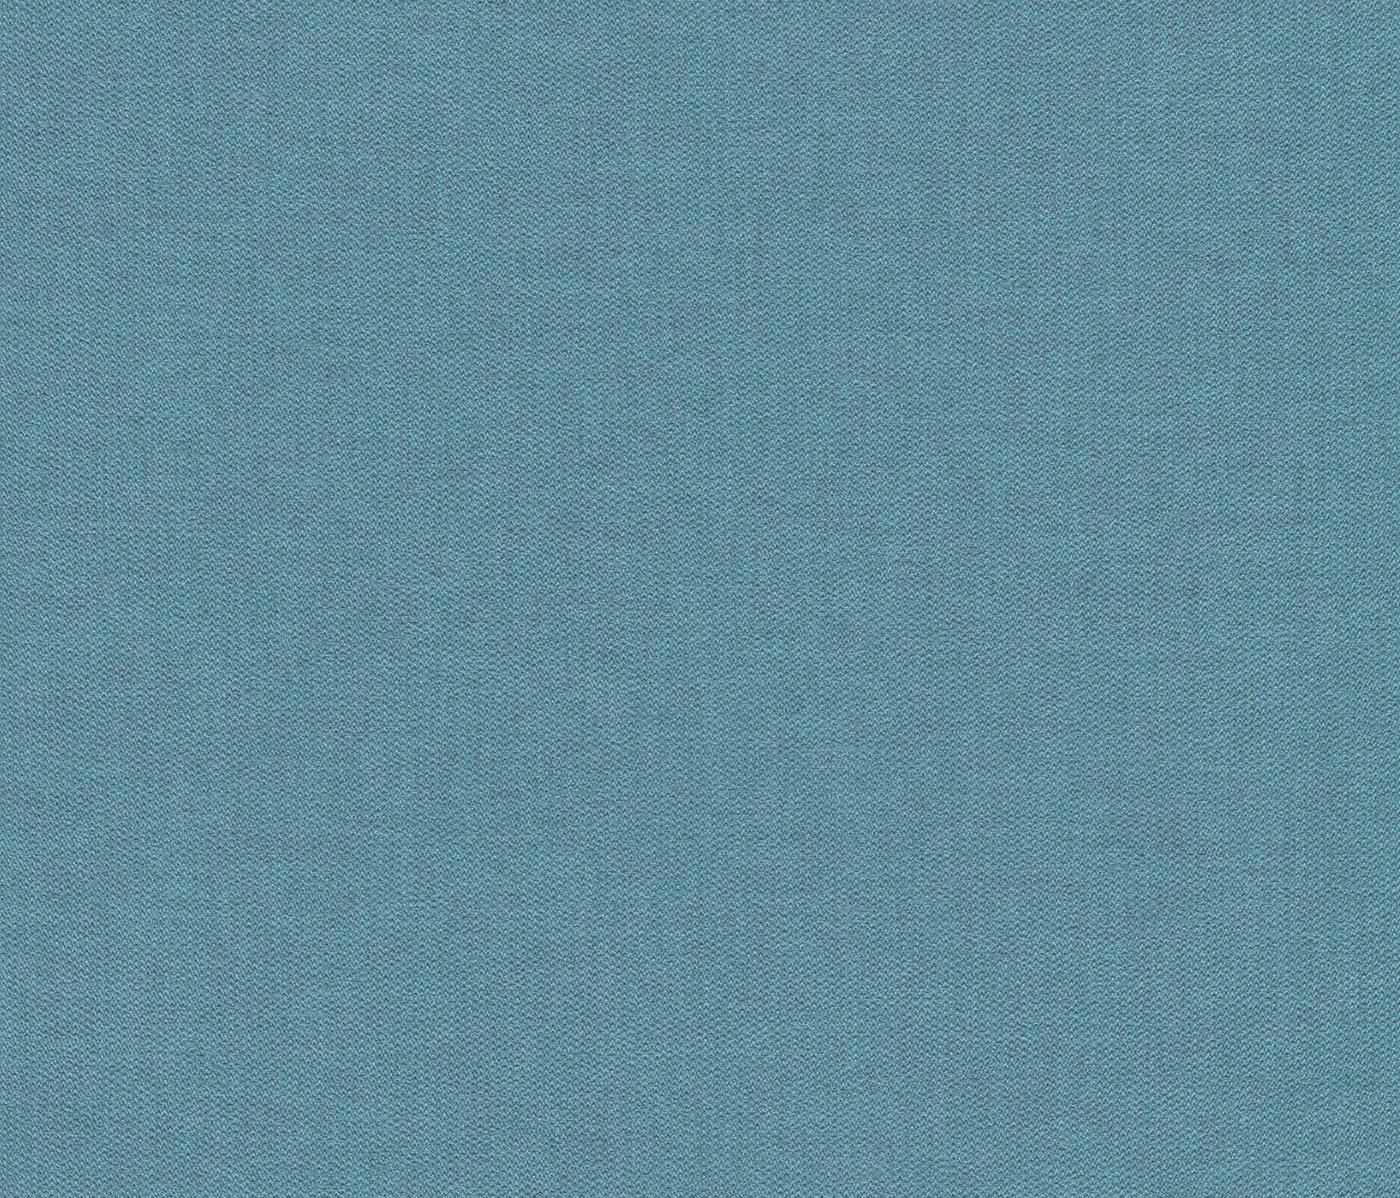 картинки однотонный синий фон актёра